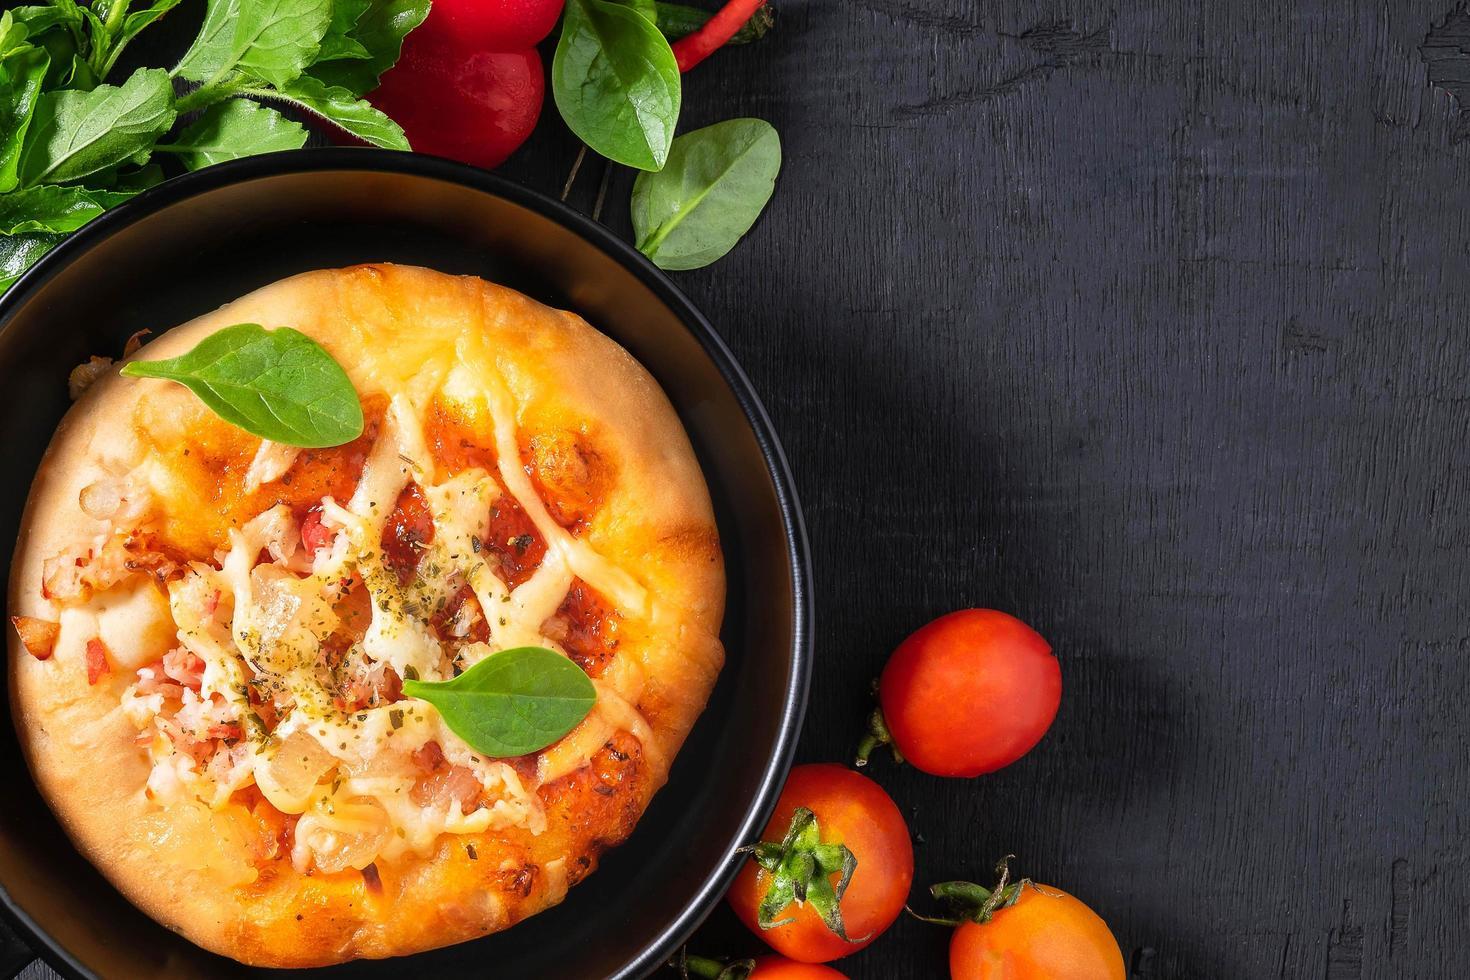 pizza dans la poêle photo